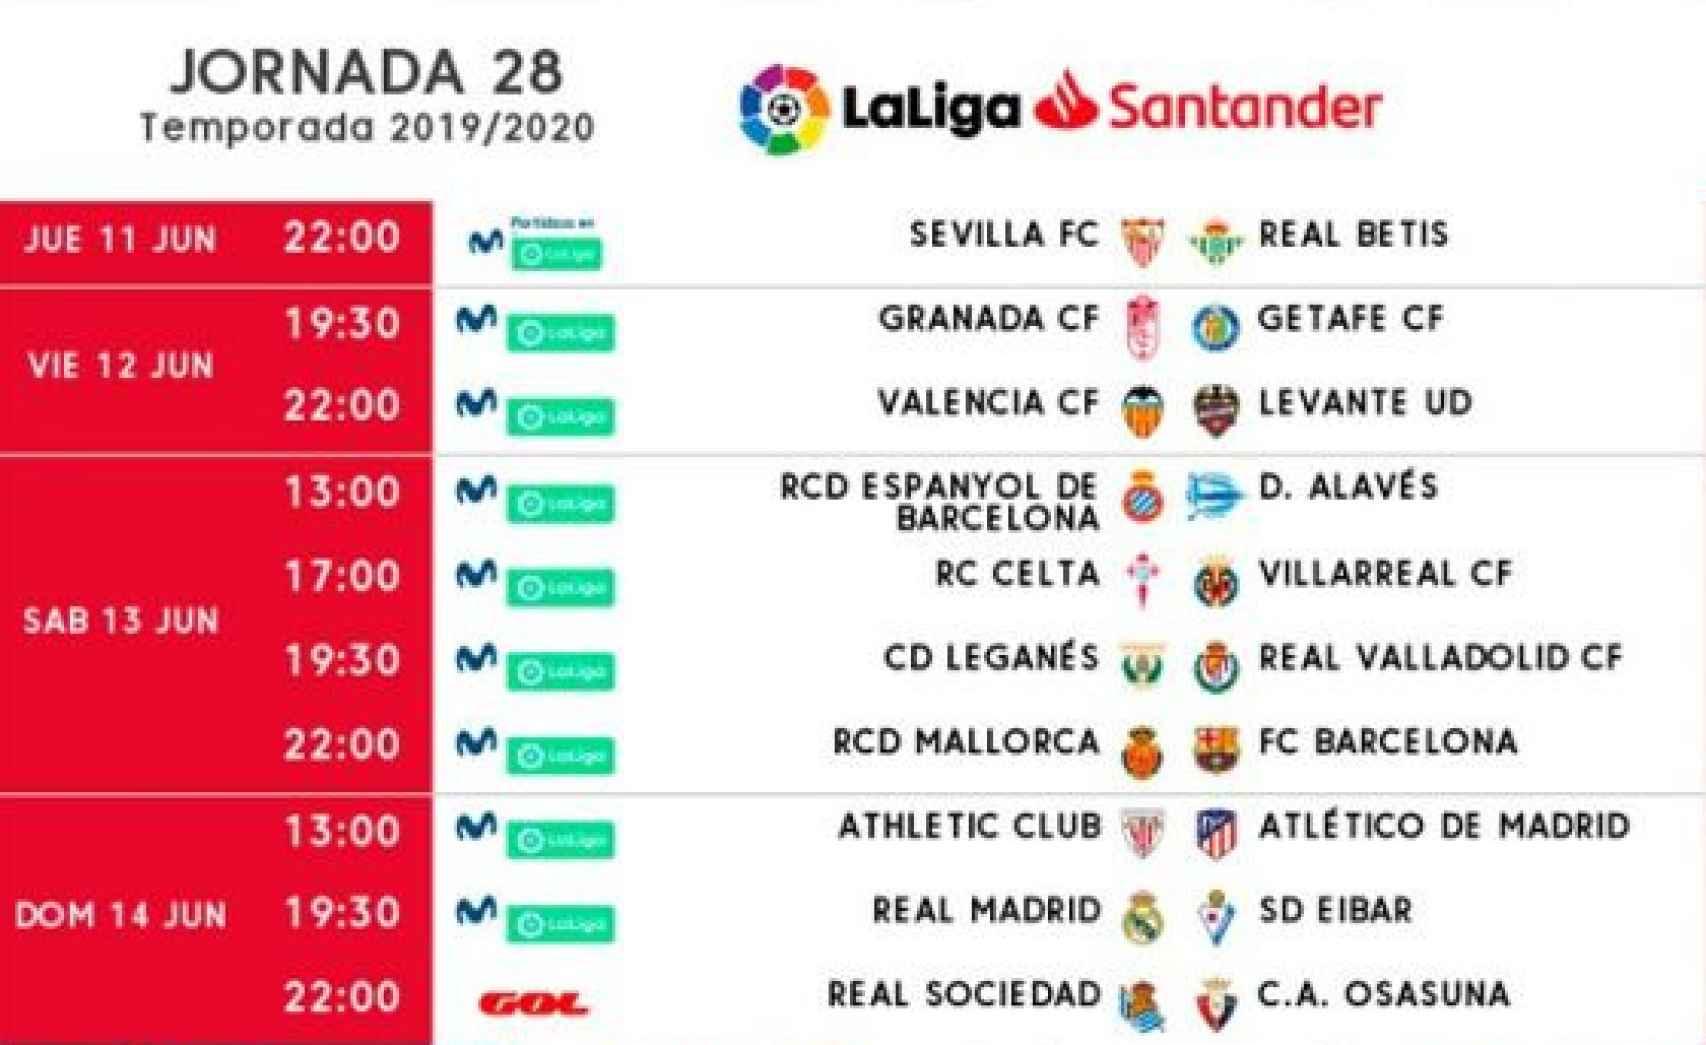 Los horarios de la jornada 28 de La Liga